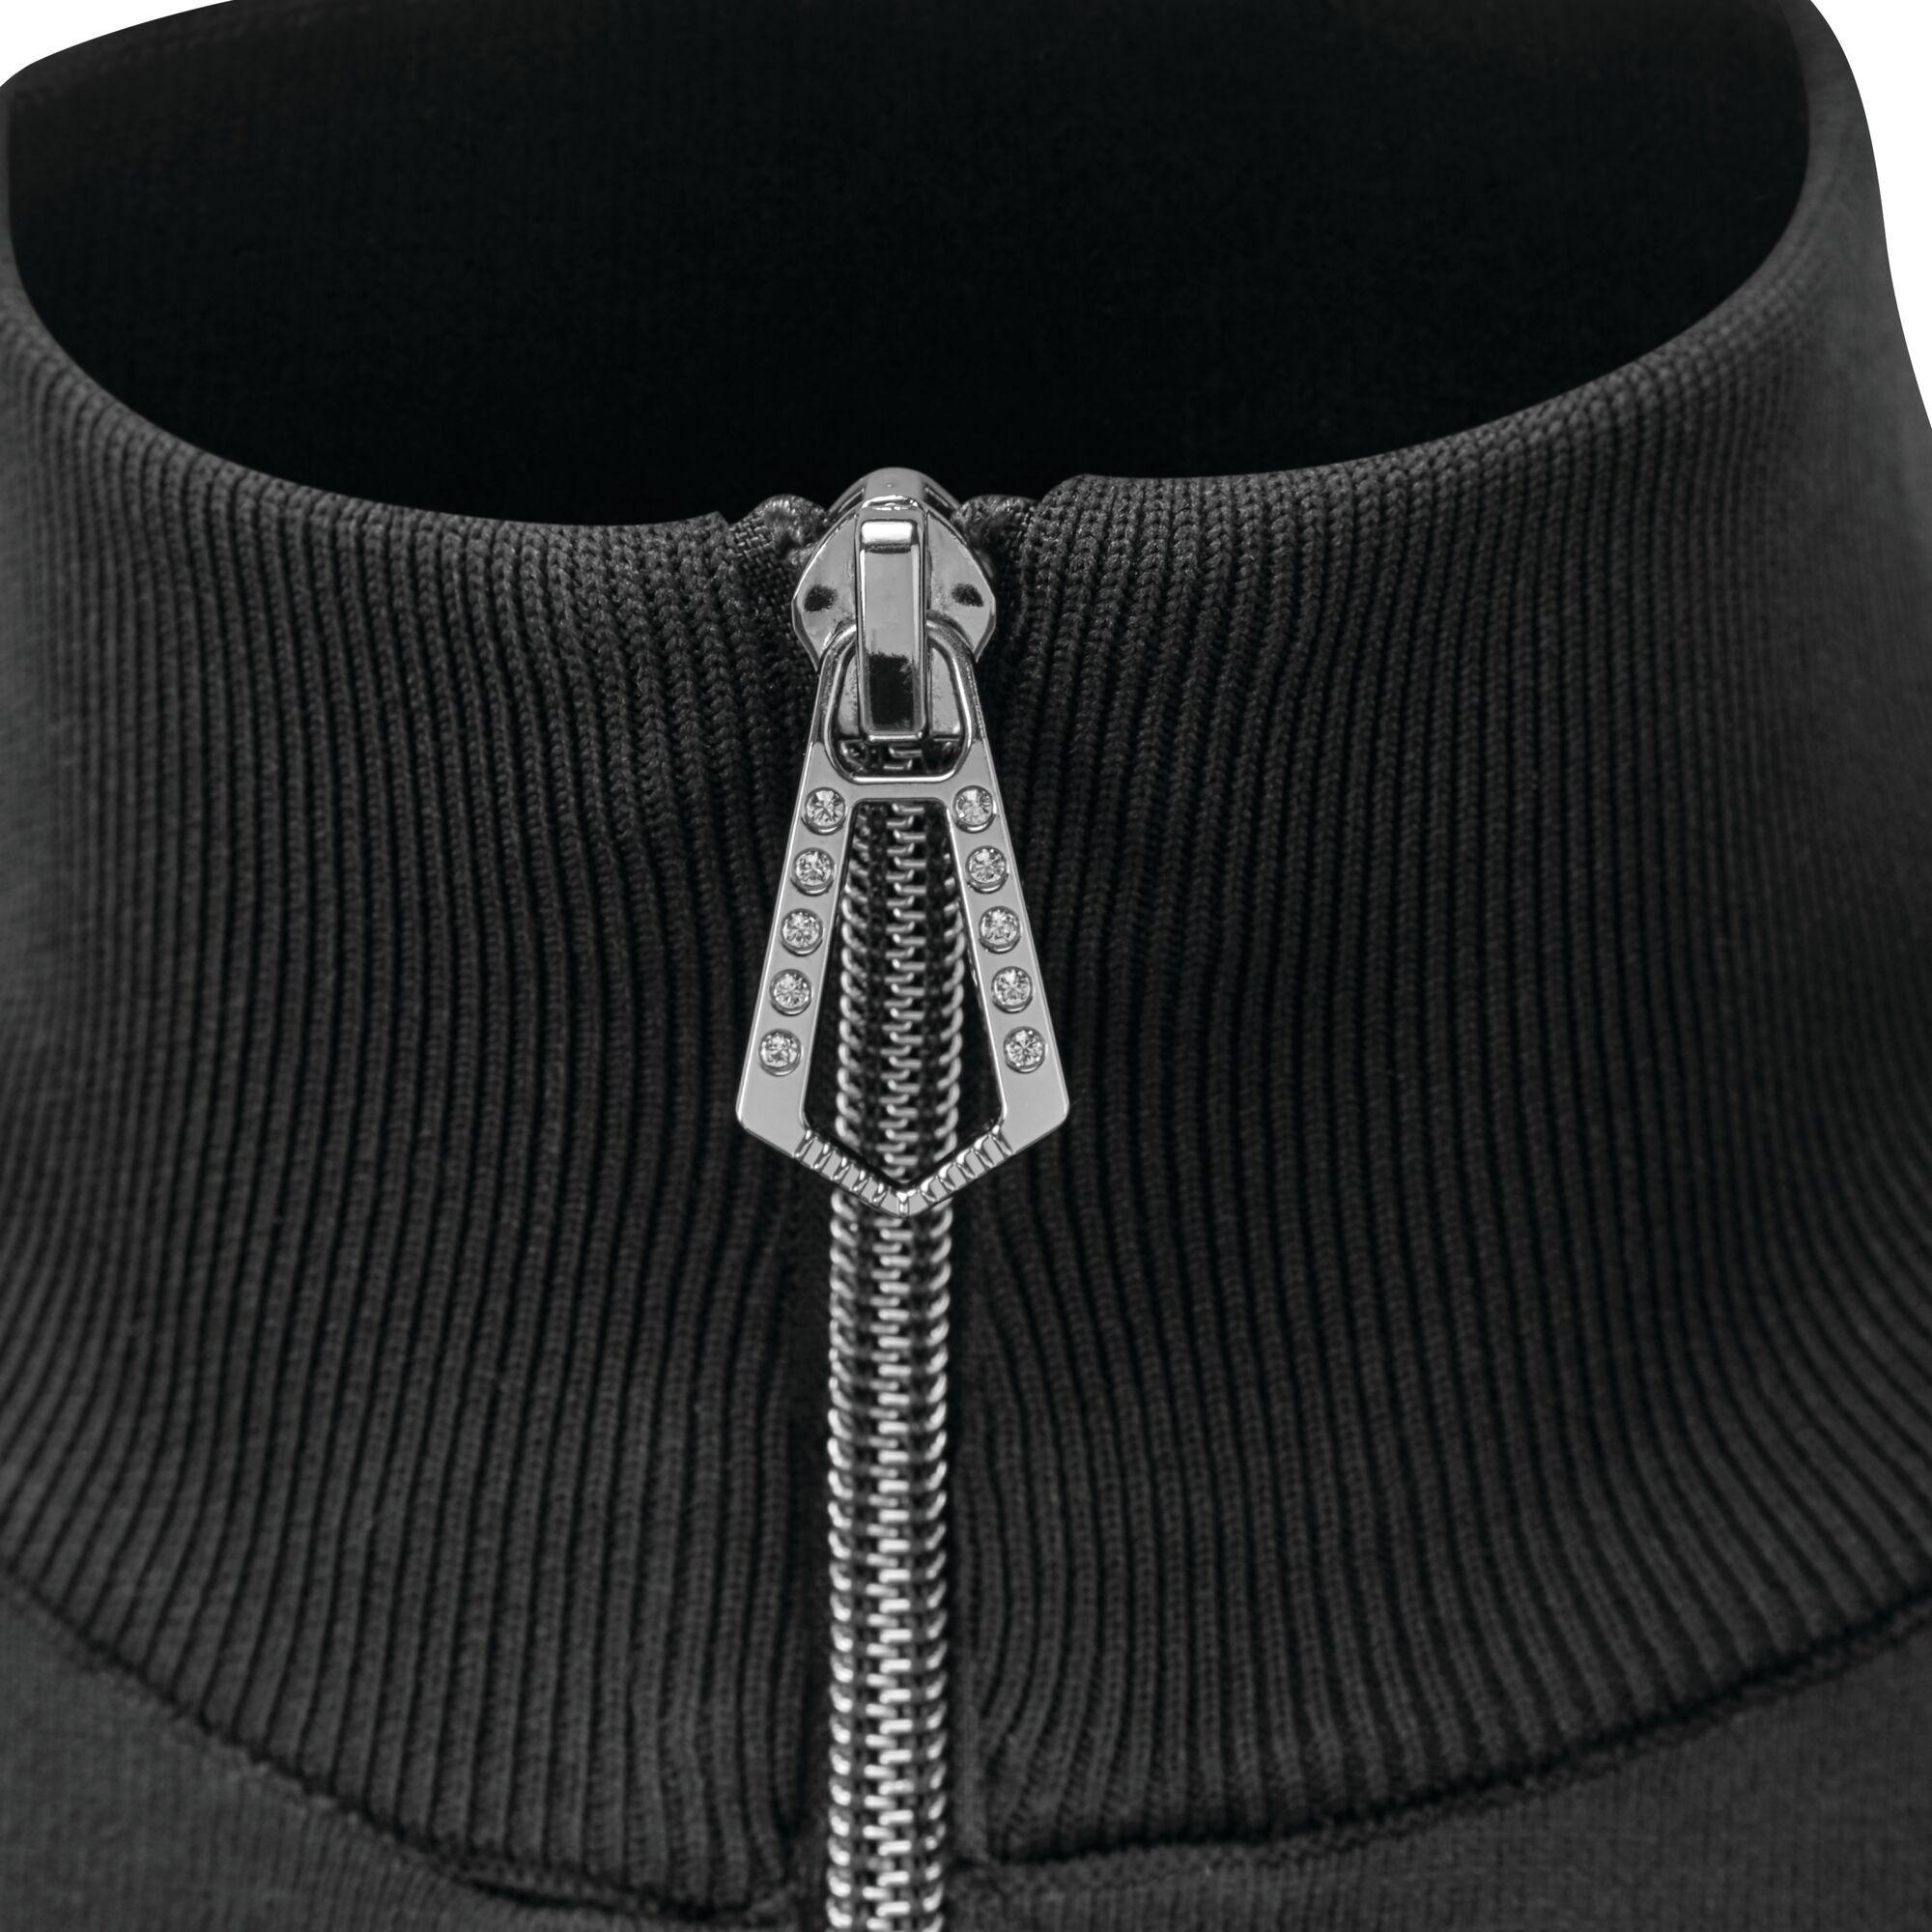 Îmbrăcăminte Casual -  dare2b Lucent Full Zip Luxe Sweatshirt